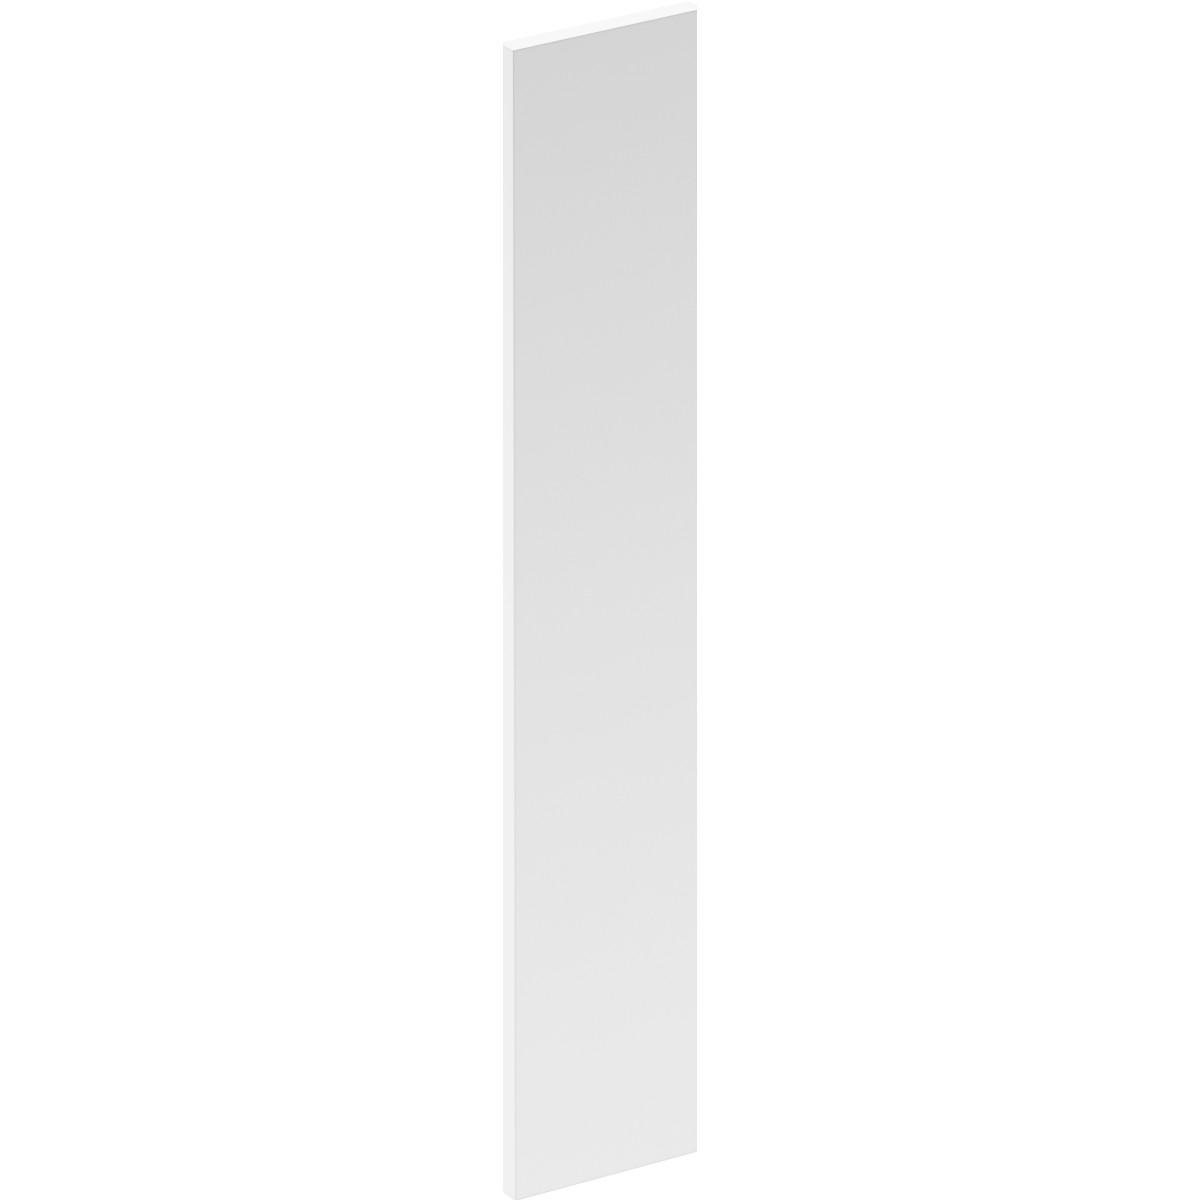 Дверь для шкафа Delinia ID «София» 15x77 см ЛДСП цвет белый